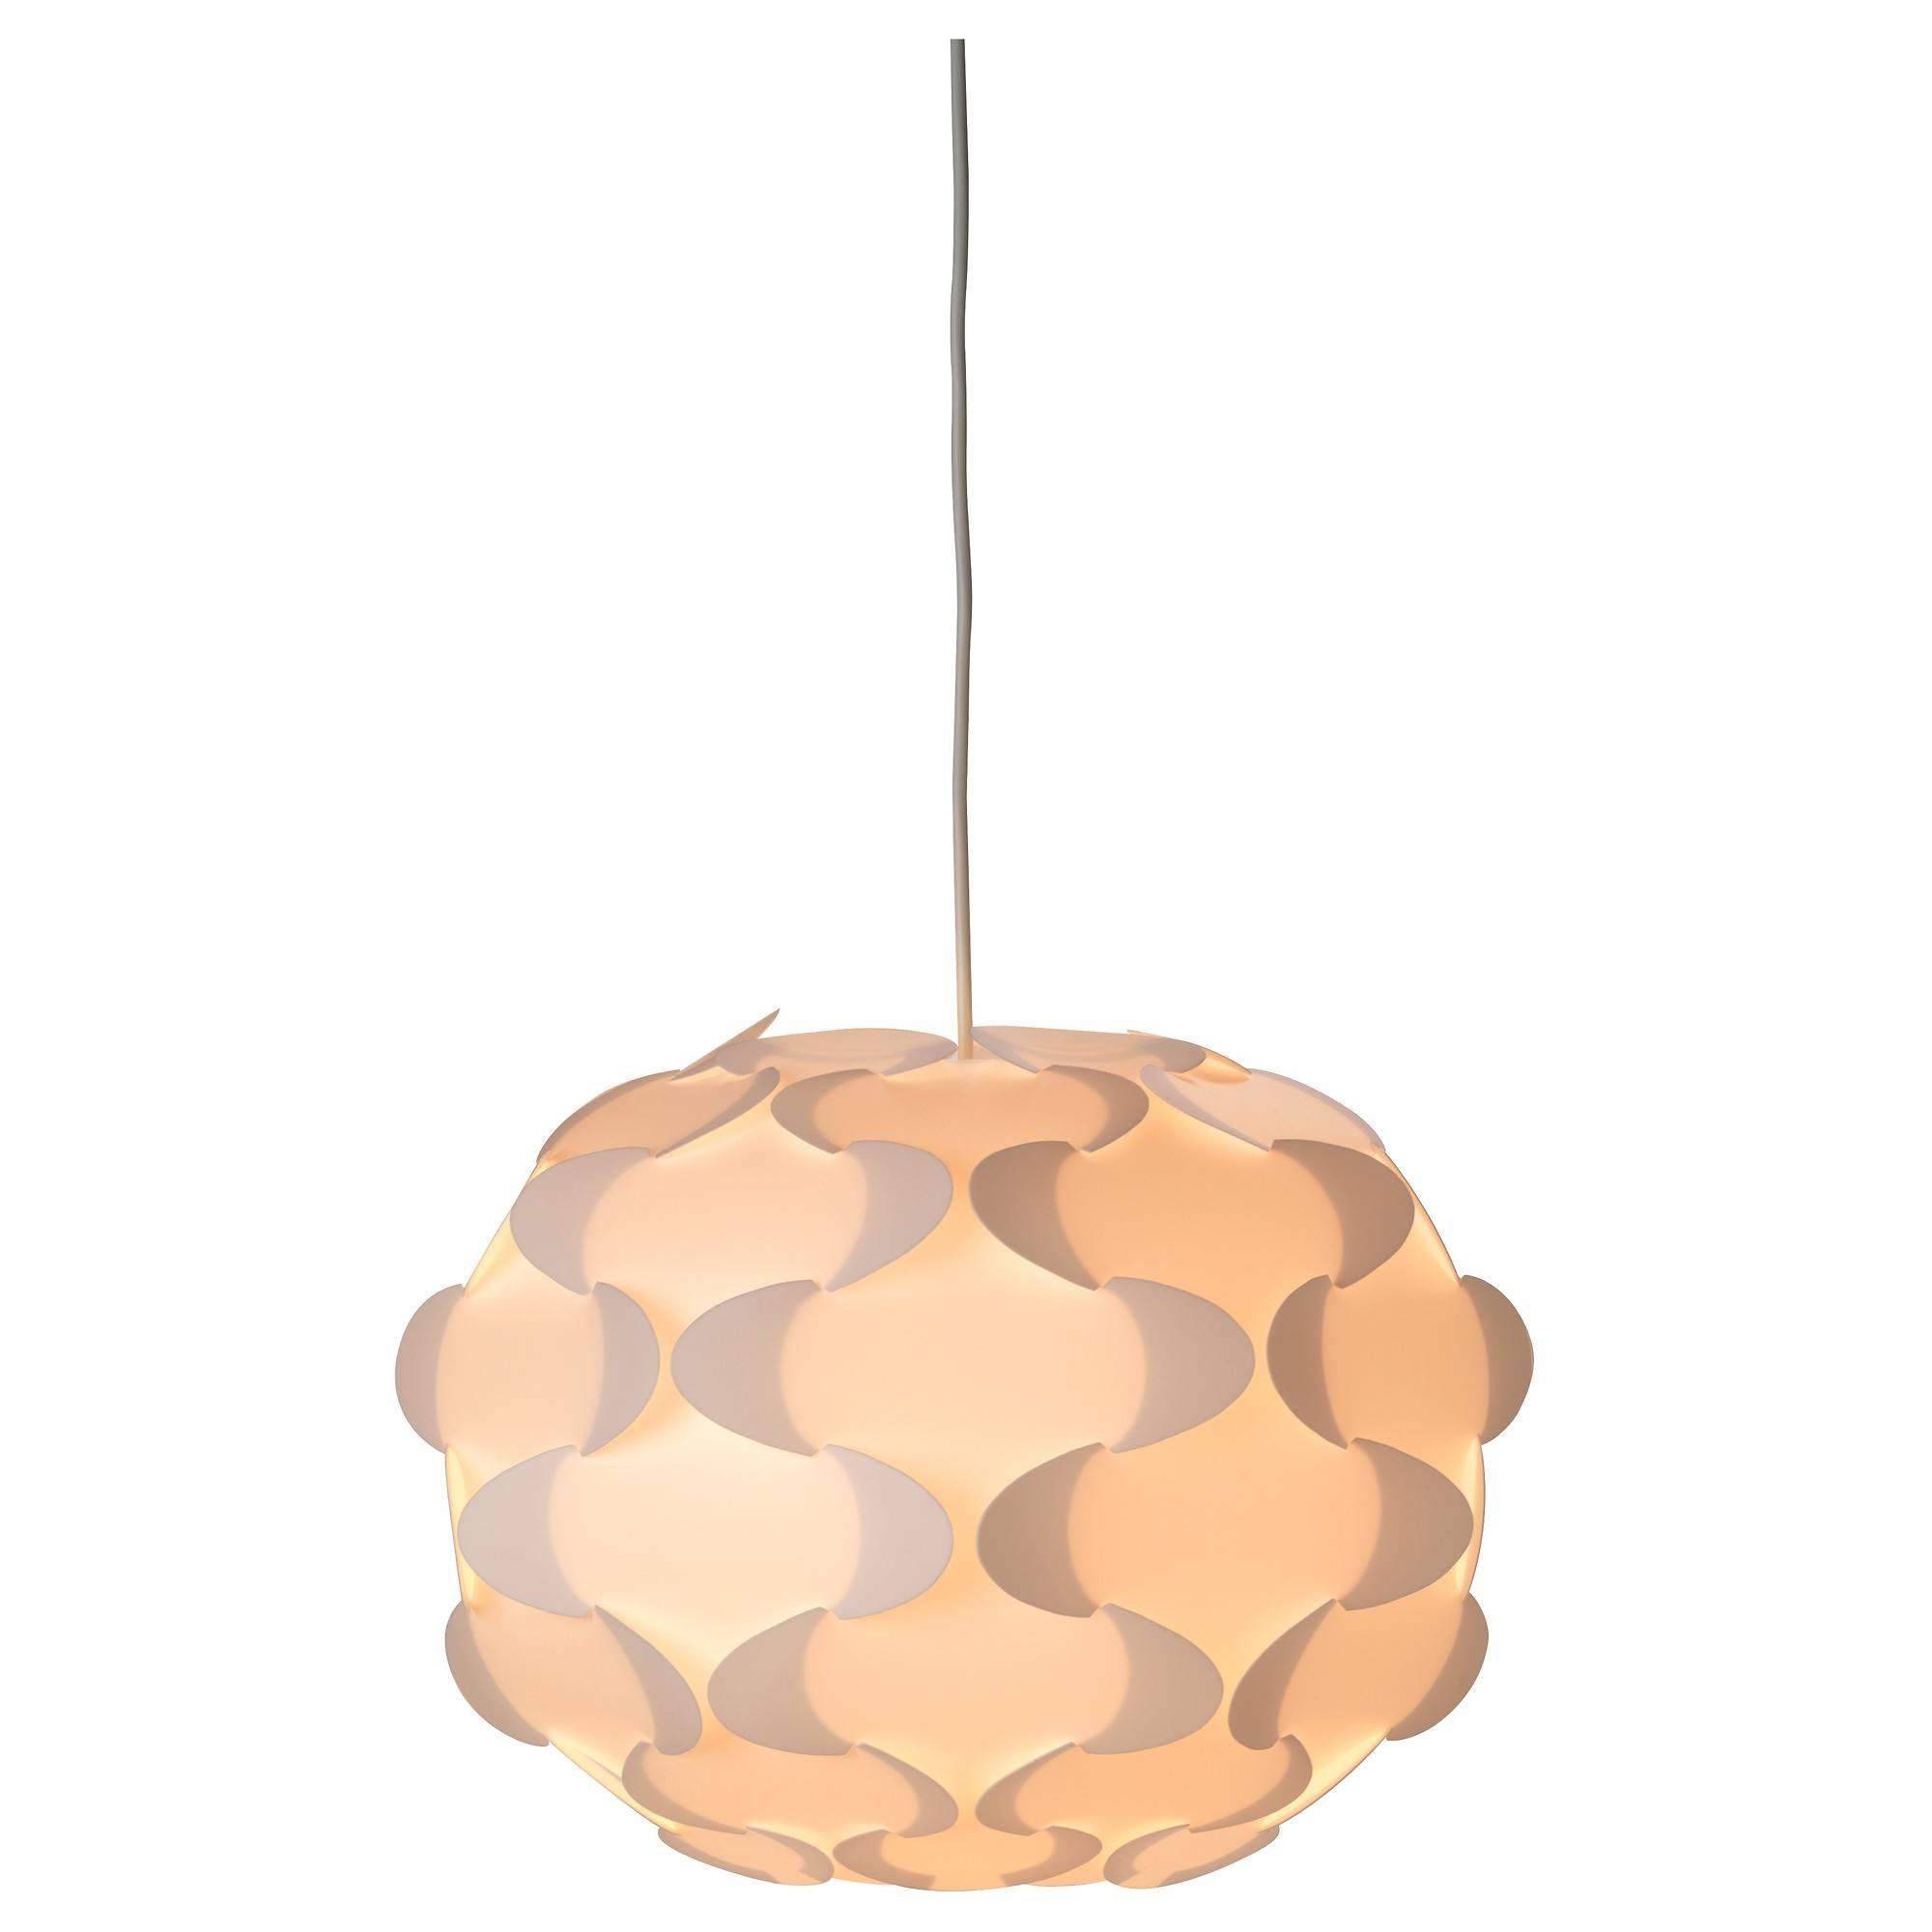 Popular Photo of Ikea Pendant Lights Fixtures